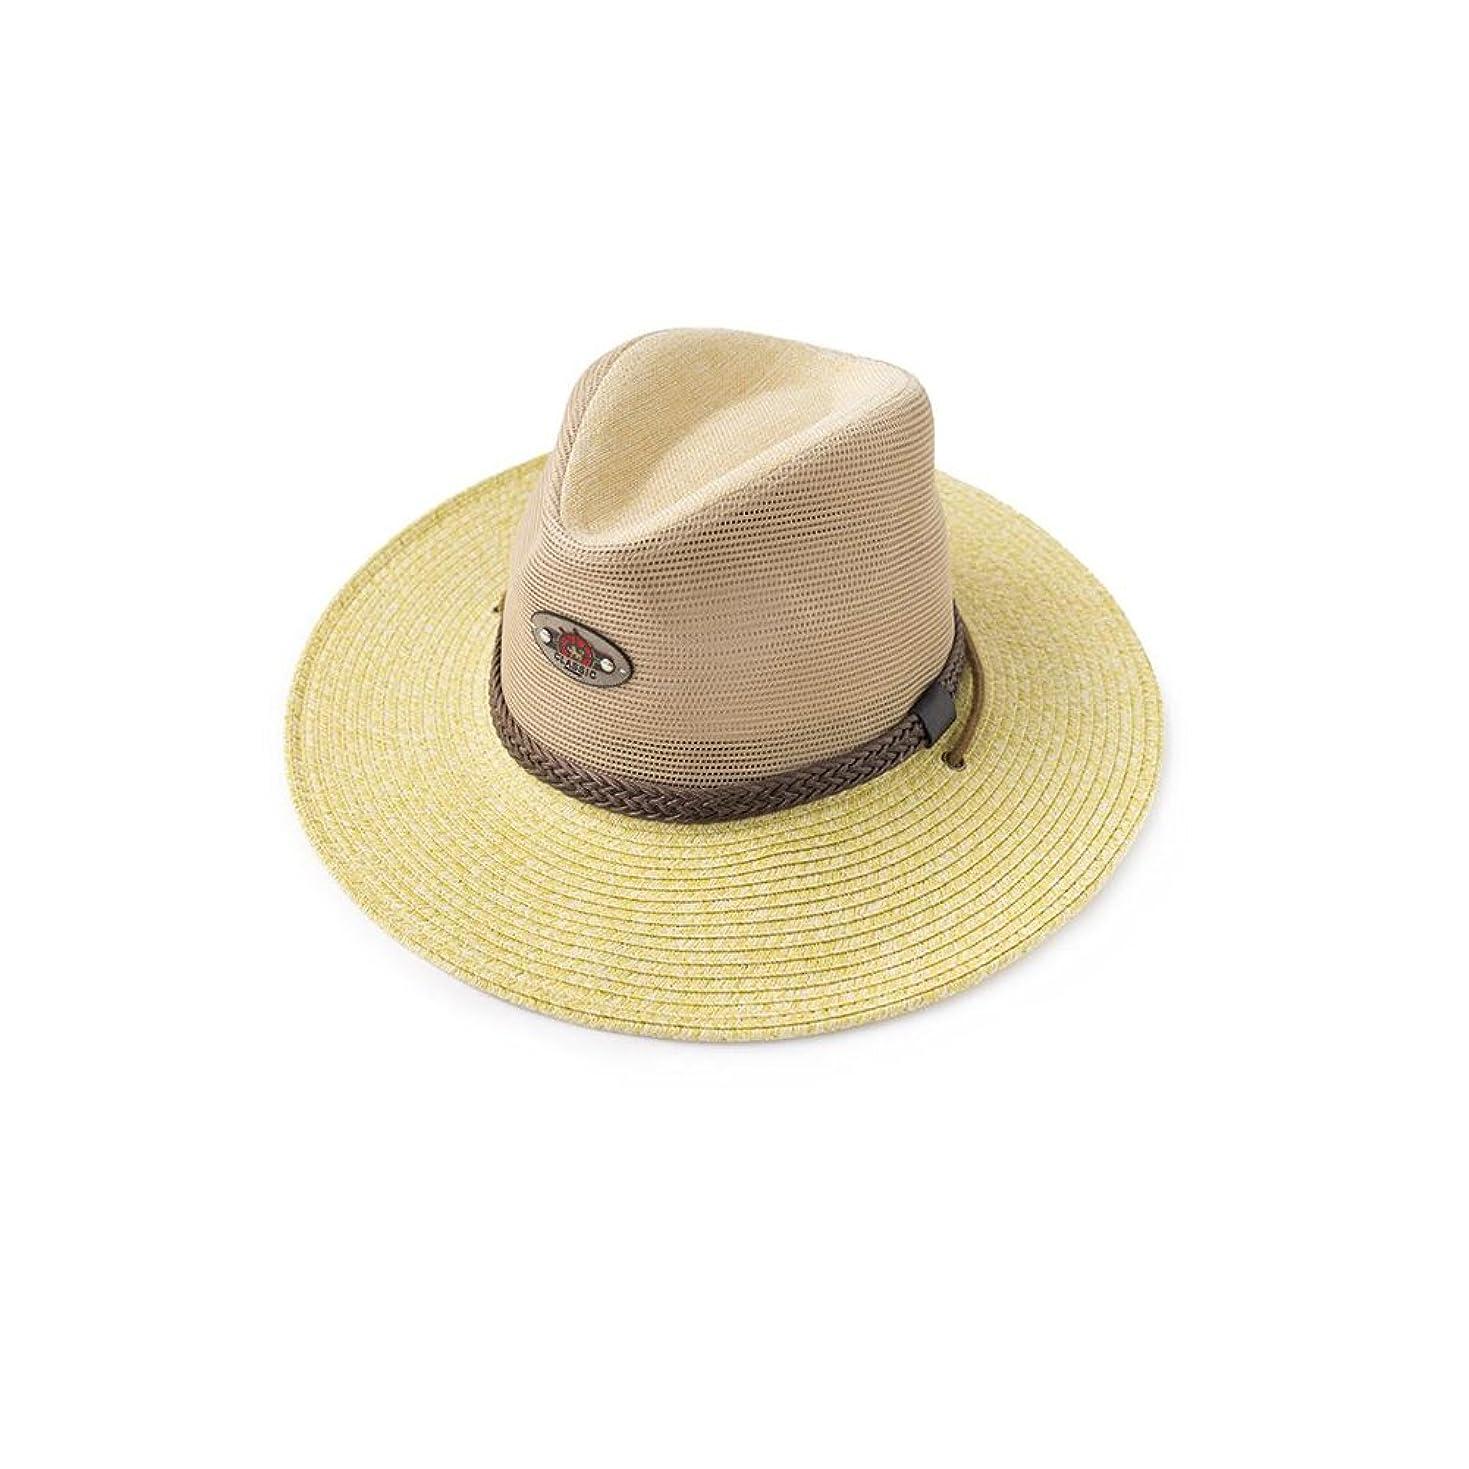 コンピューターすみません火炎男性の麦わら帽子夏の屋外旅行登山黄色クールキャップ紫外線保護広いひさし太陽の帽子通気性メッシュ付きあごバンド